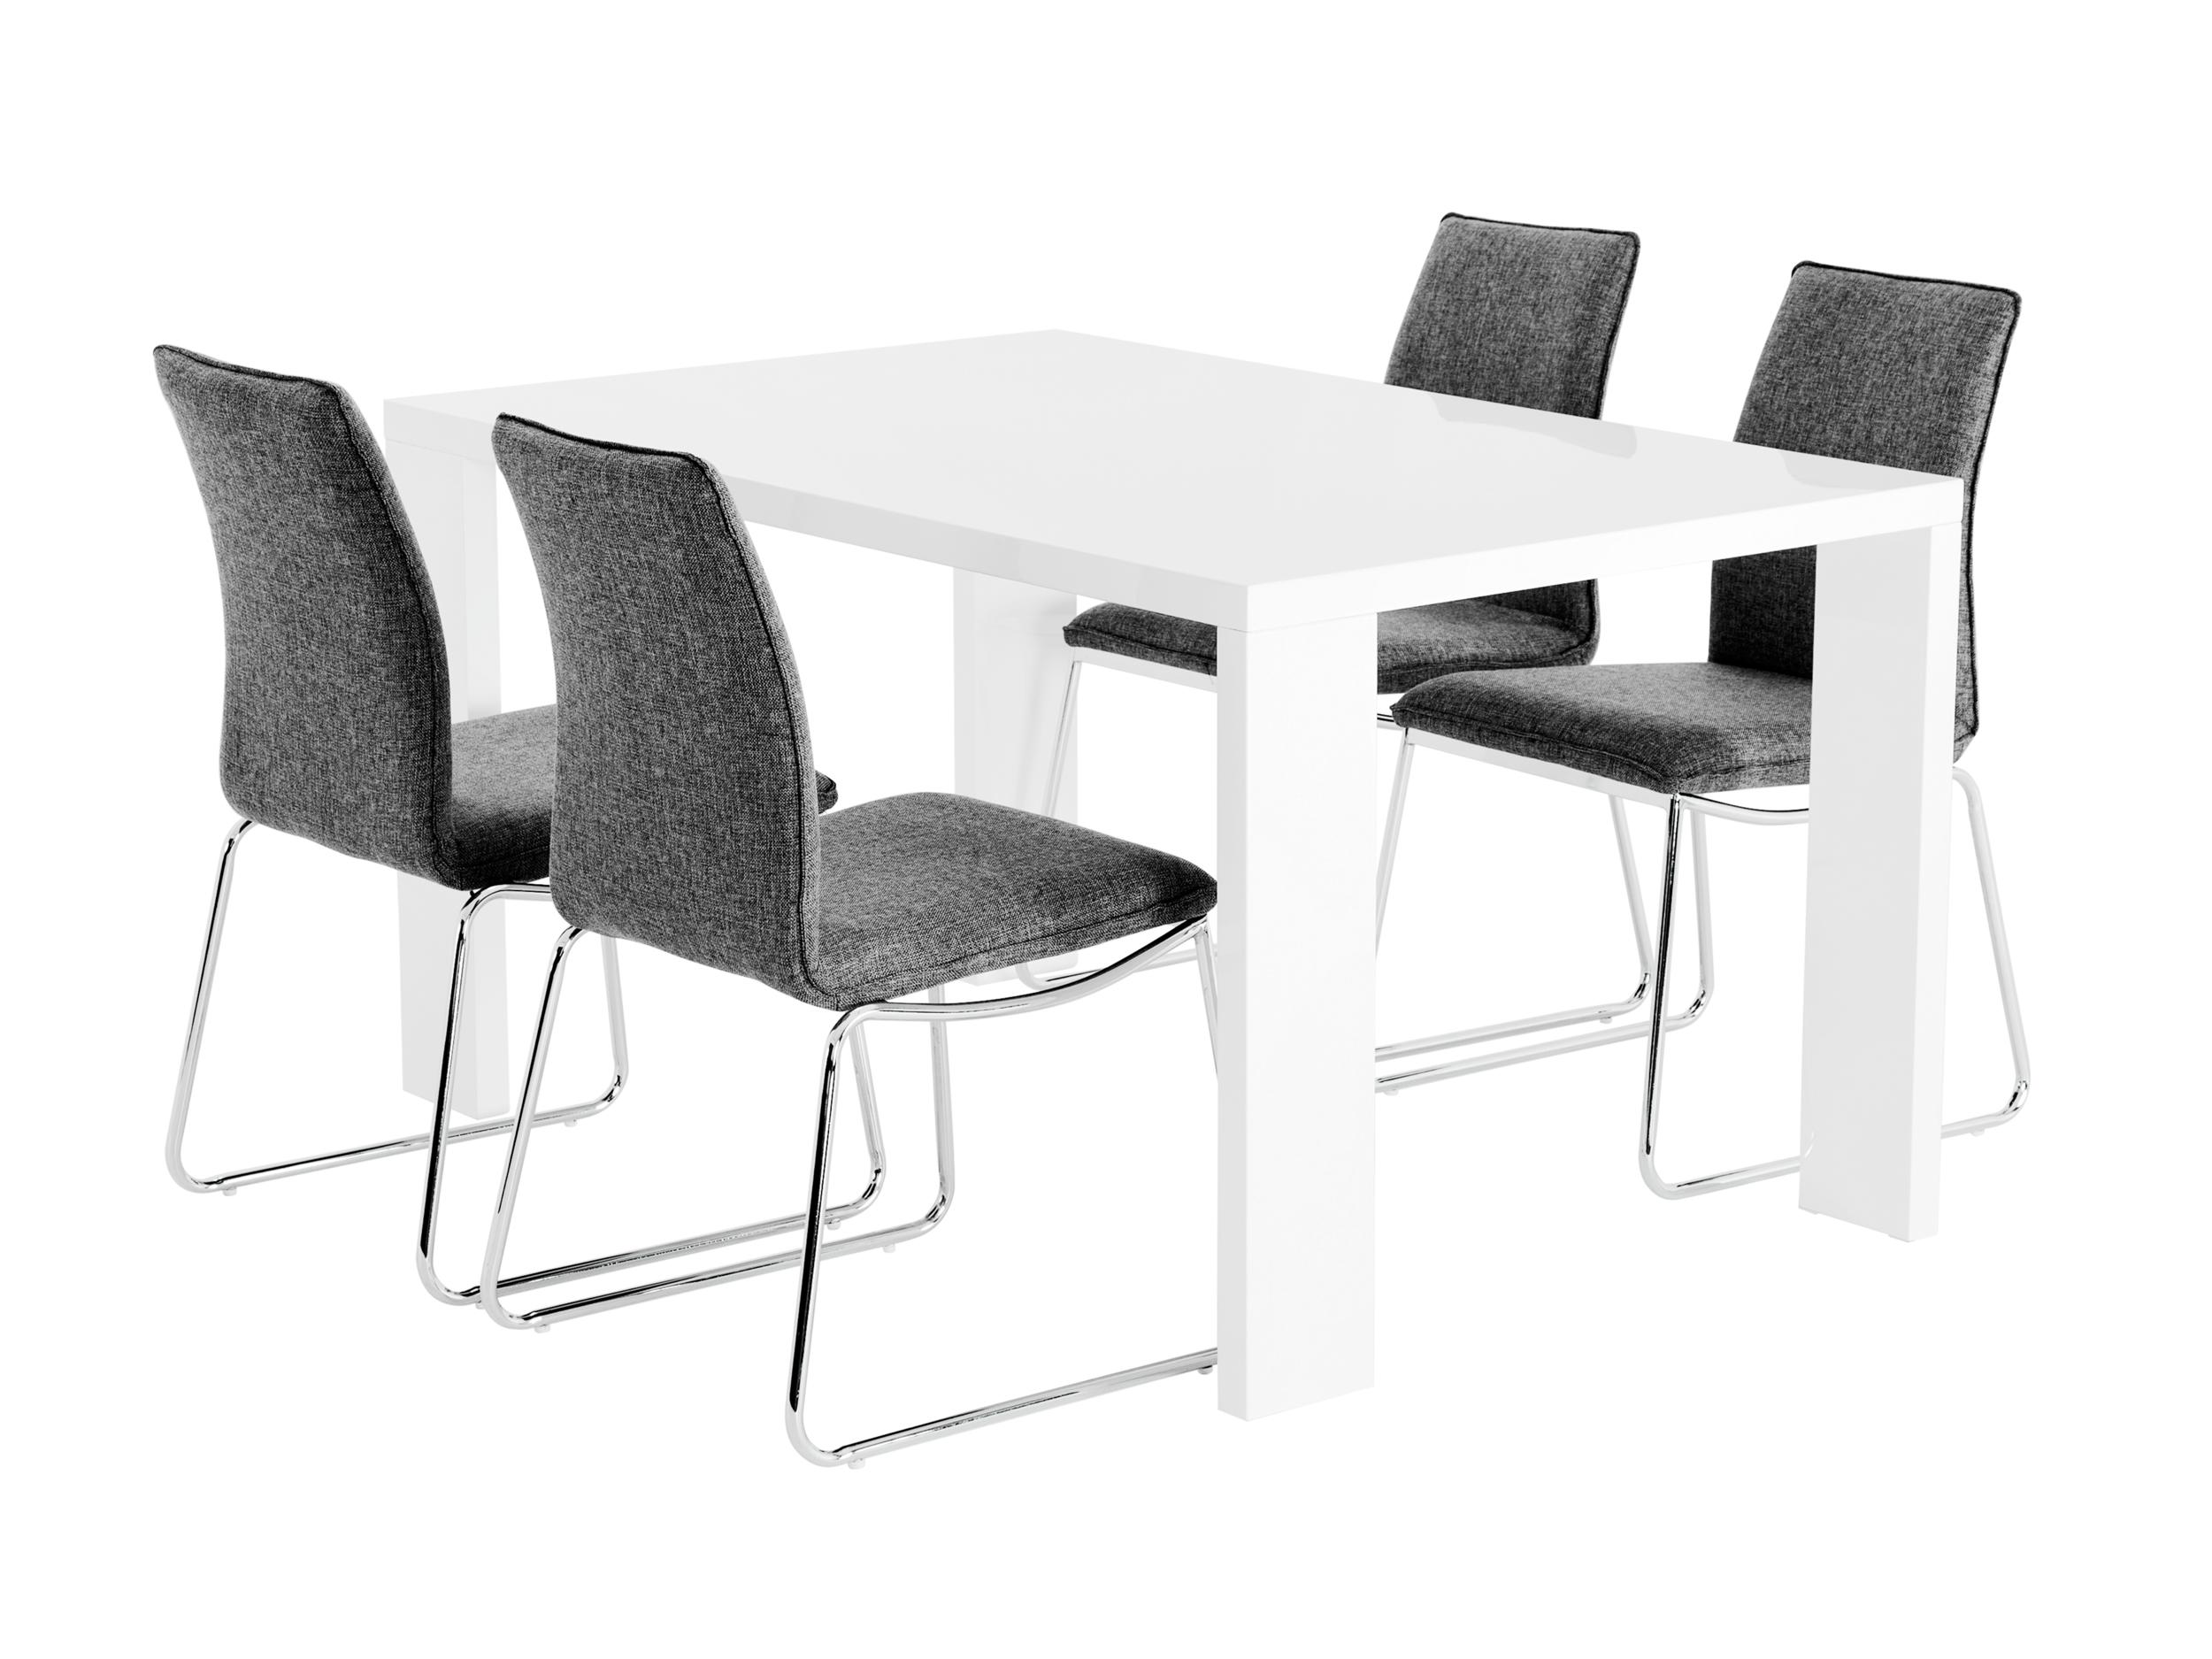 Koksbord Ovalt ~ Interiörinspiration Och Idéer För Hemdesign